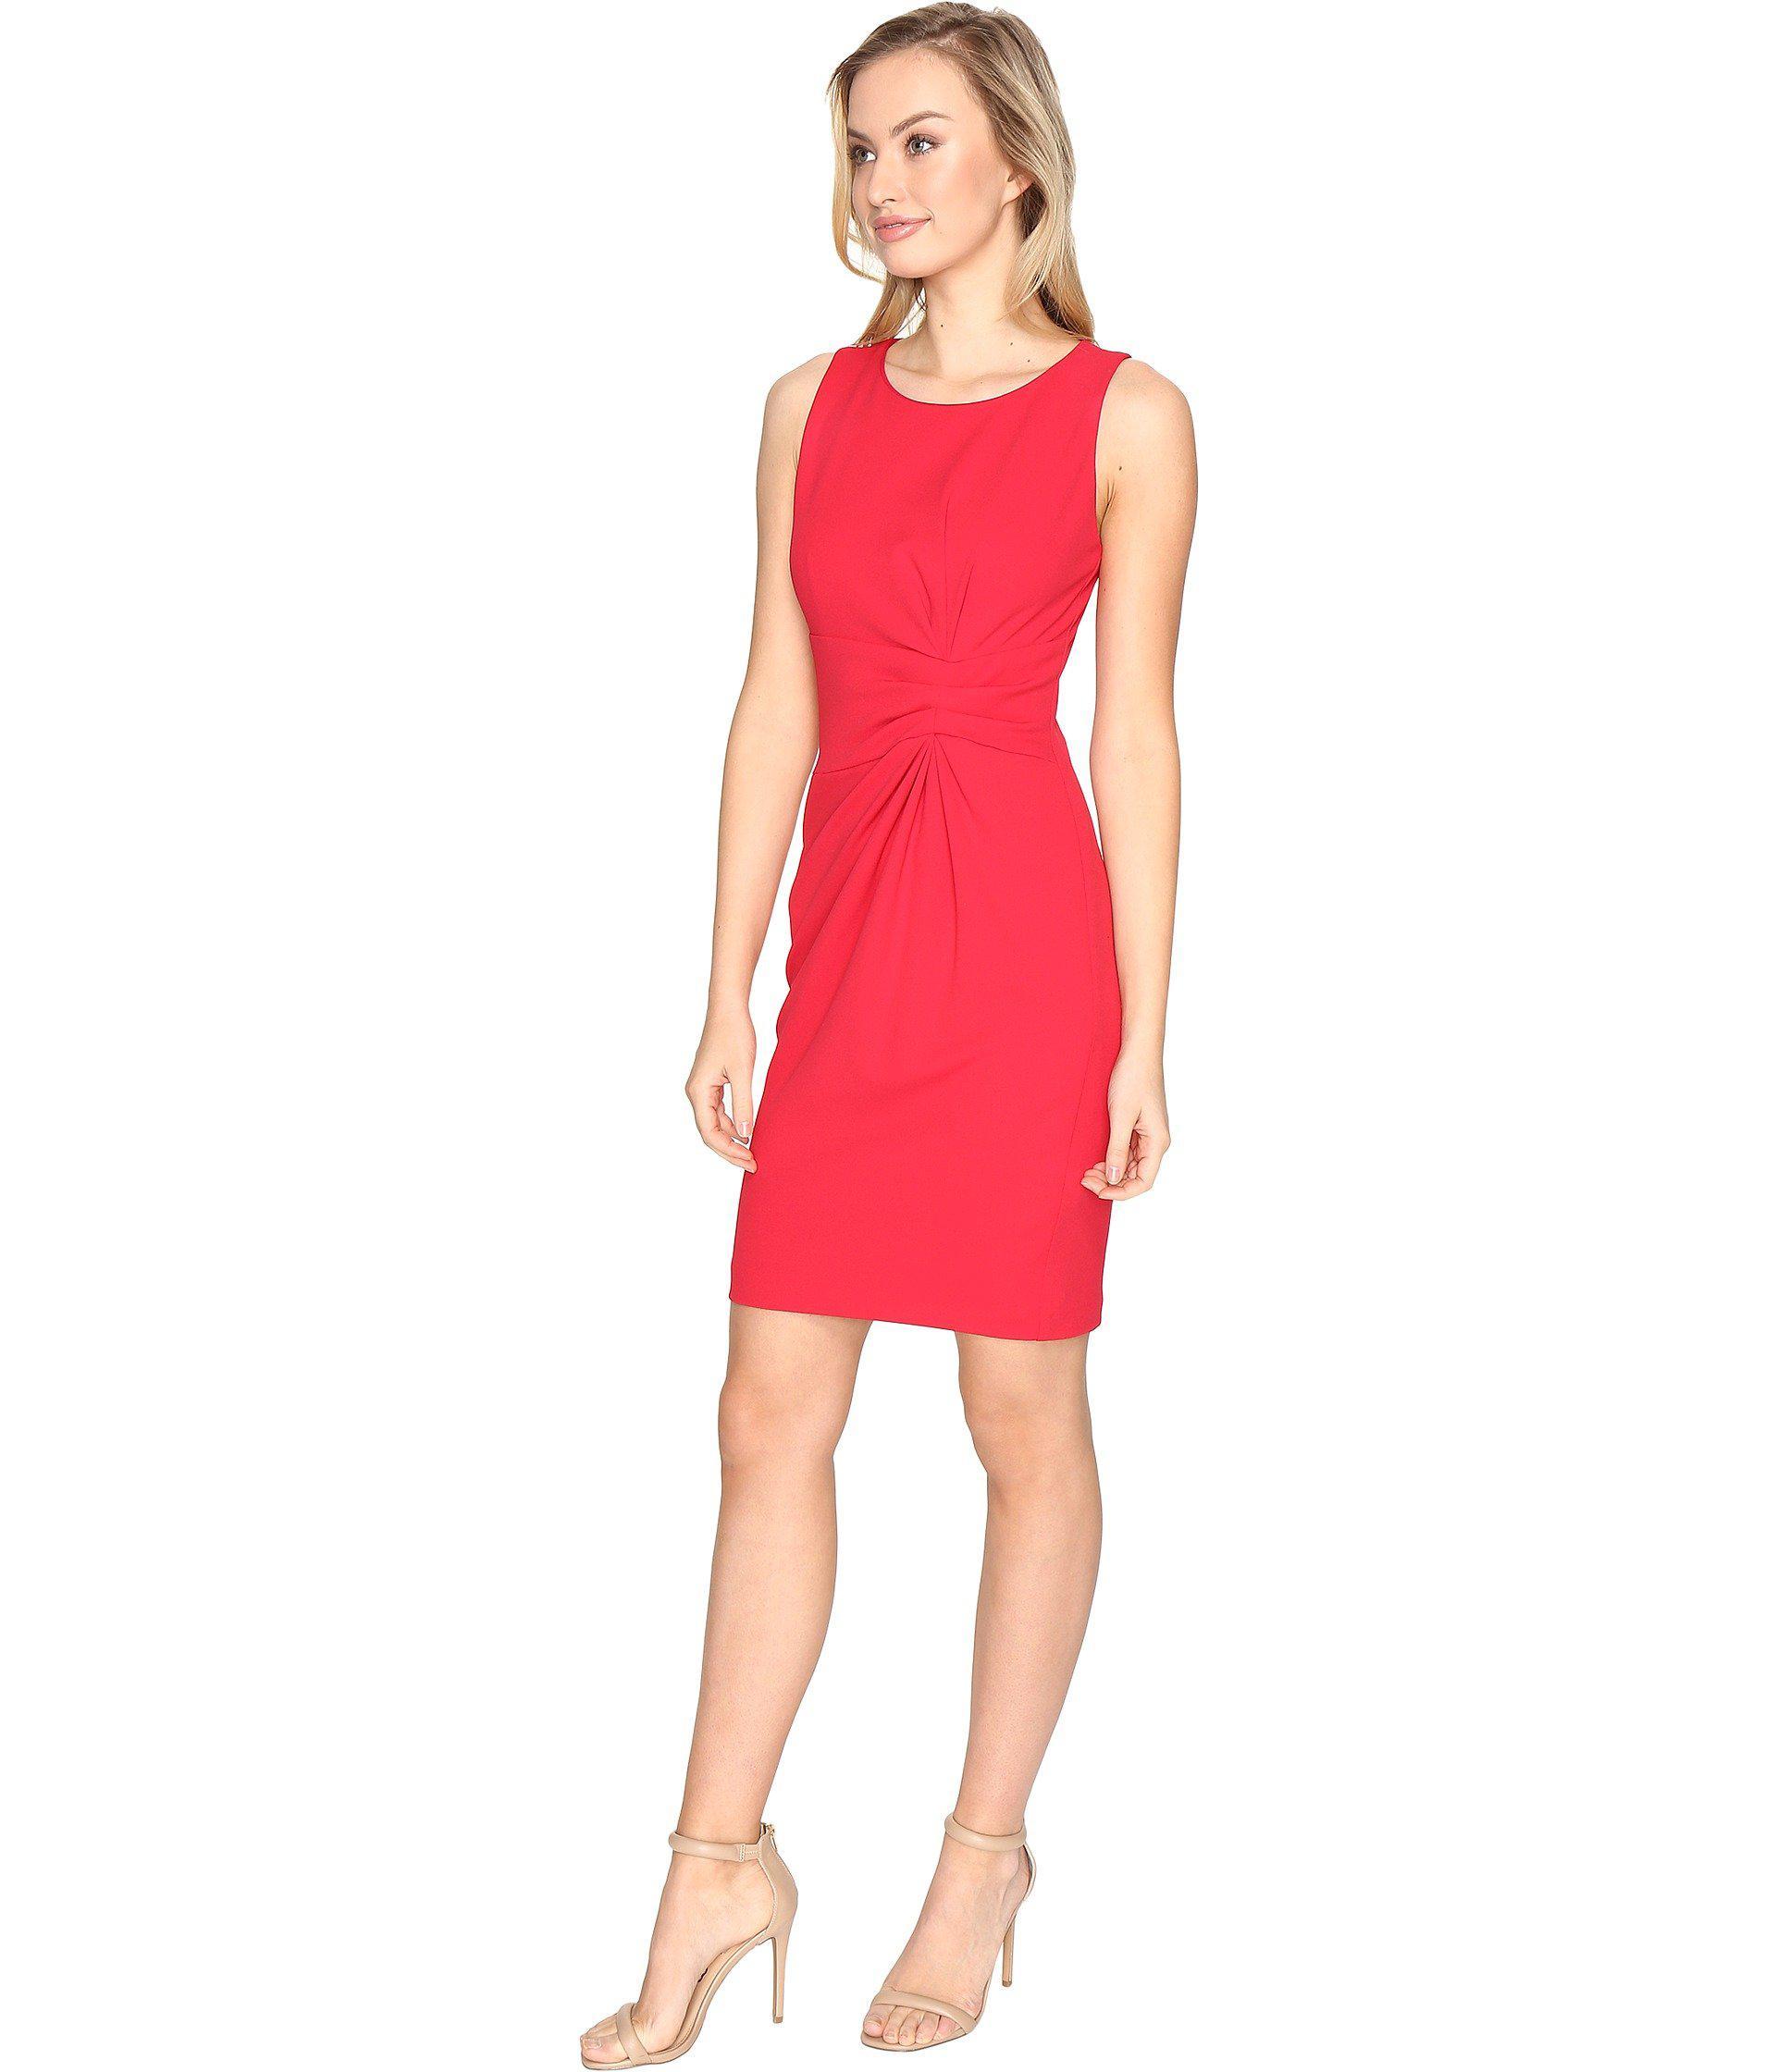 4f622088d7f6 Lyst - Tahari Knot Detail Scuba Crepe Sheath Dress in Red - Save 56%